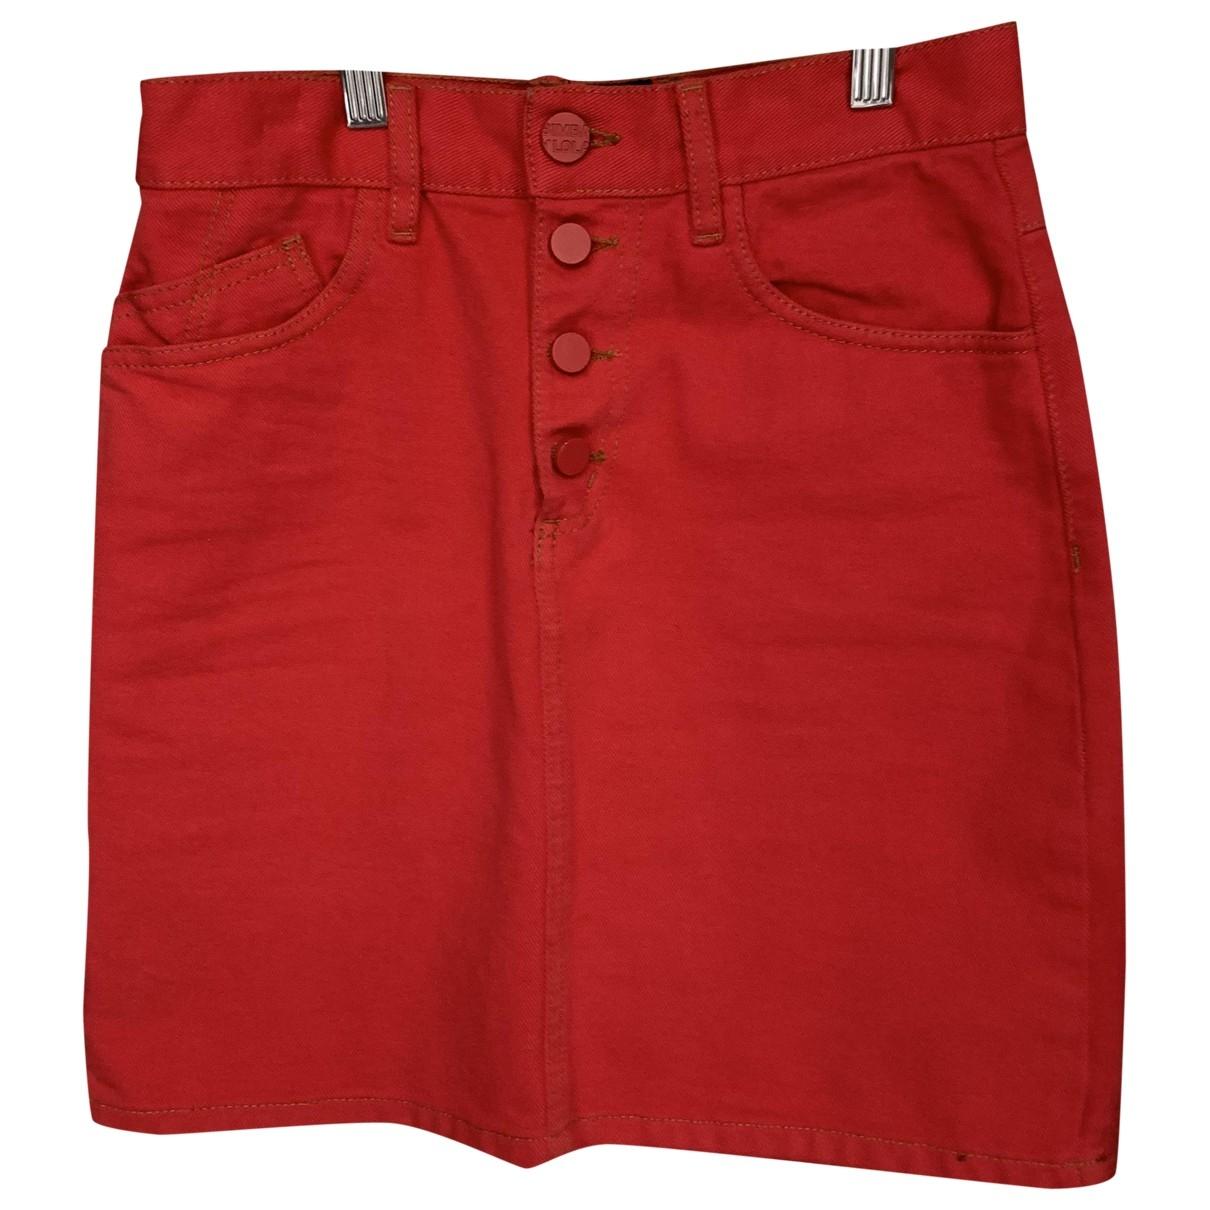 Bimba Y Lola \N Red Denim - Jeans skirt for Women 36 FR